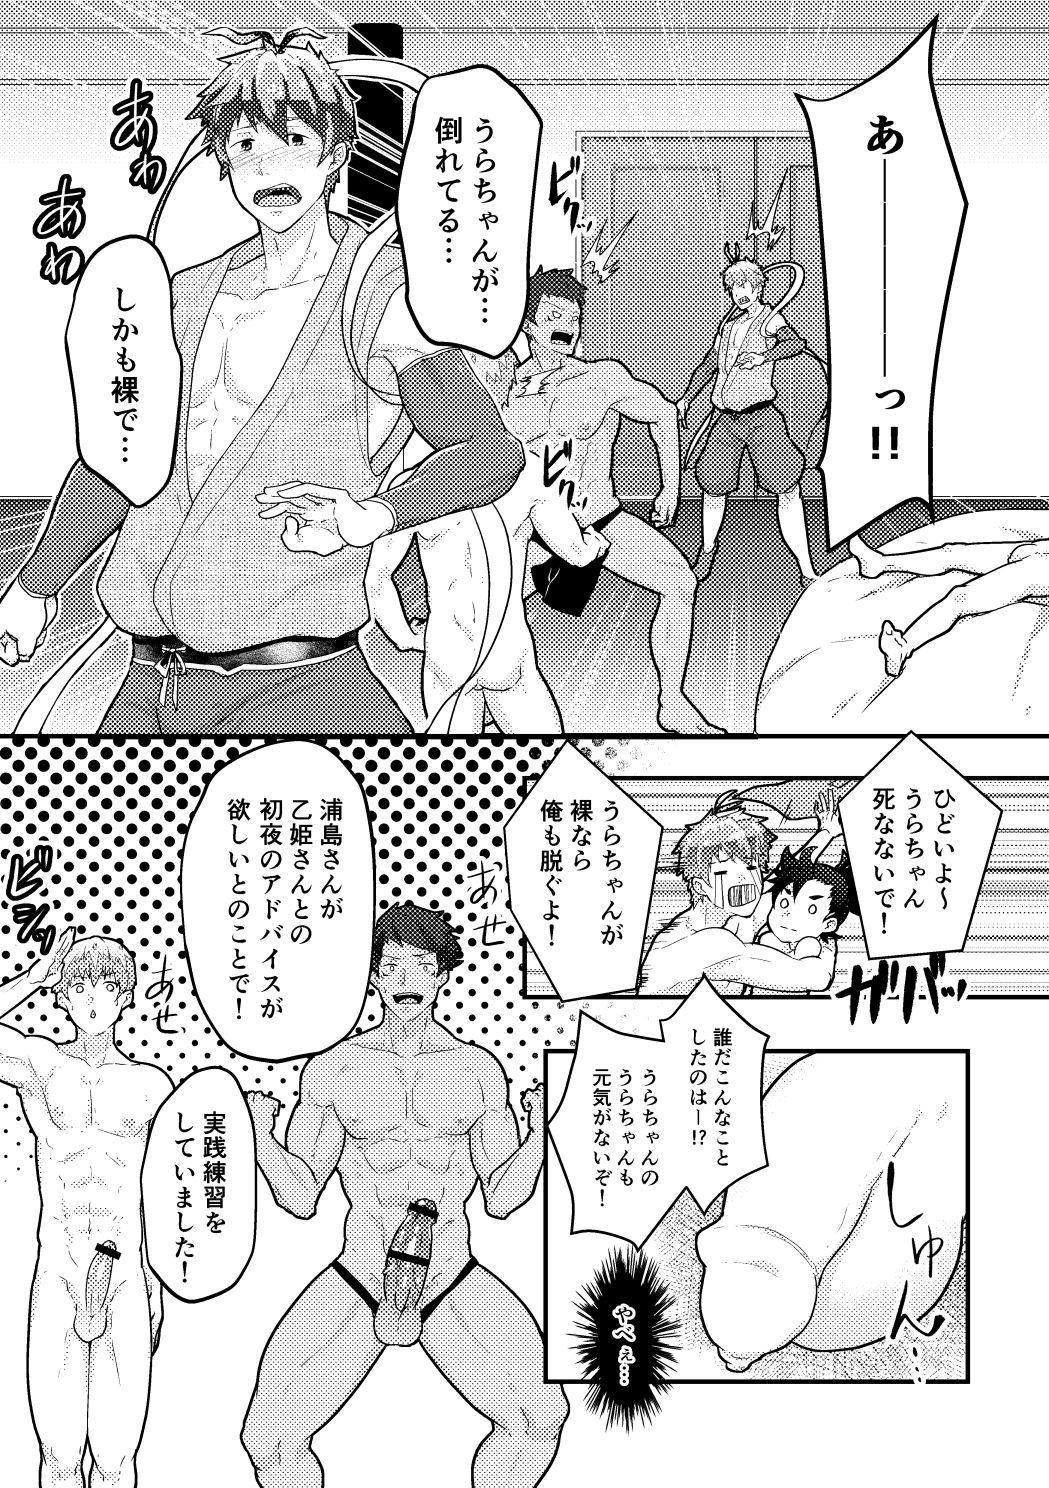 Urashimatarou 12